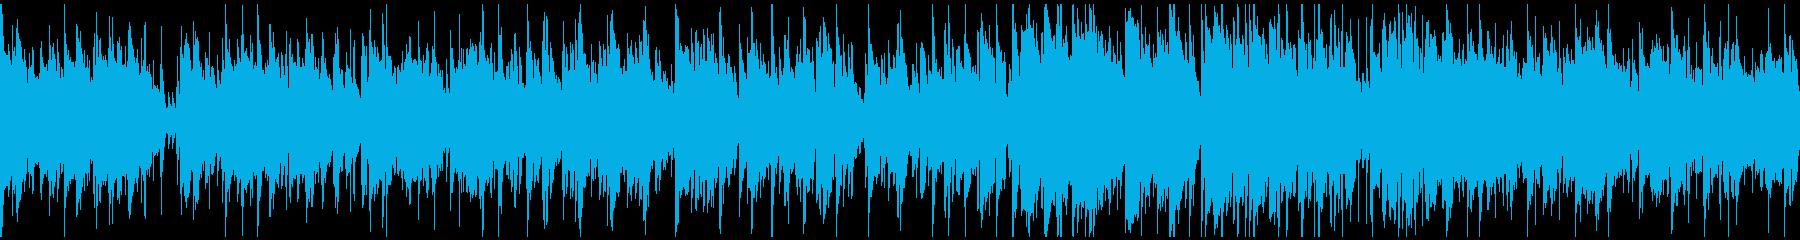 納涼ジャズボサノバ、リラックス※ループ版の再生済みの波形